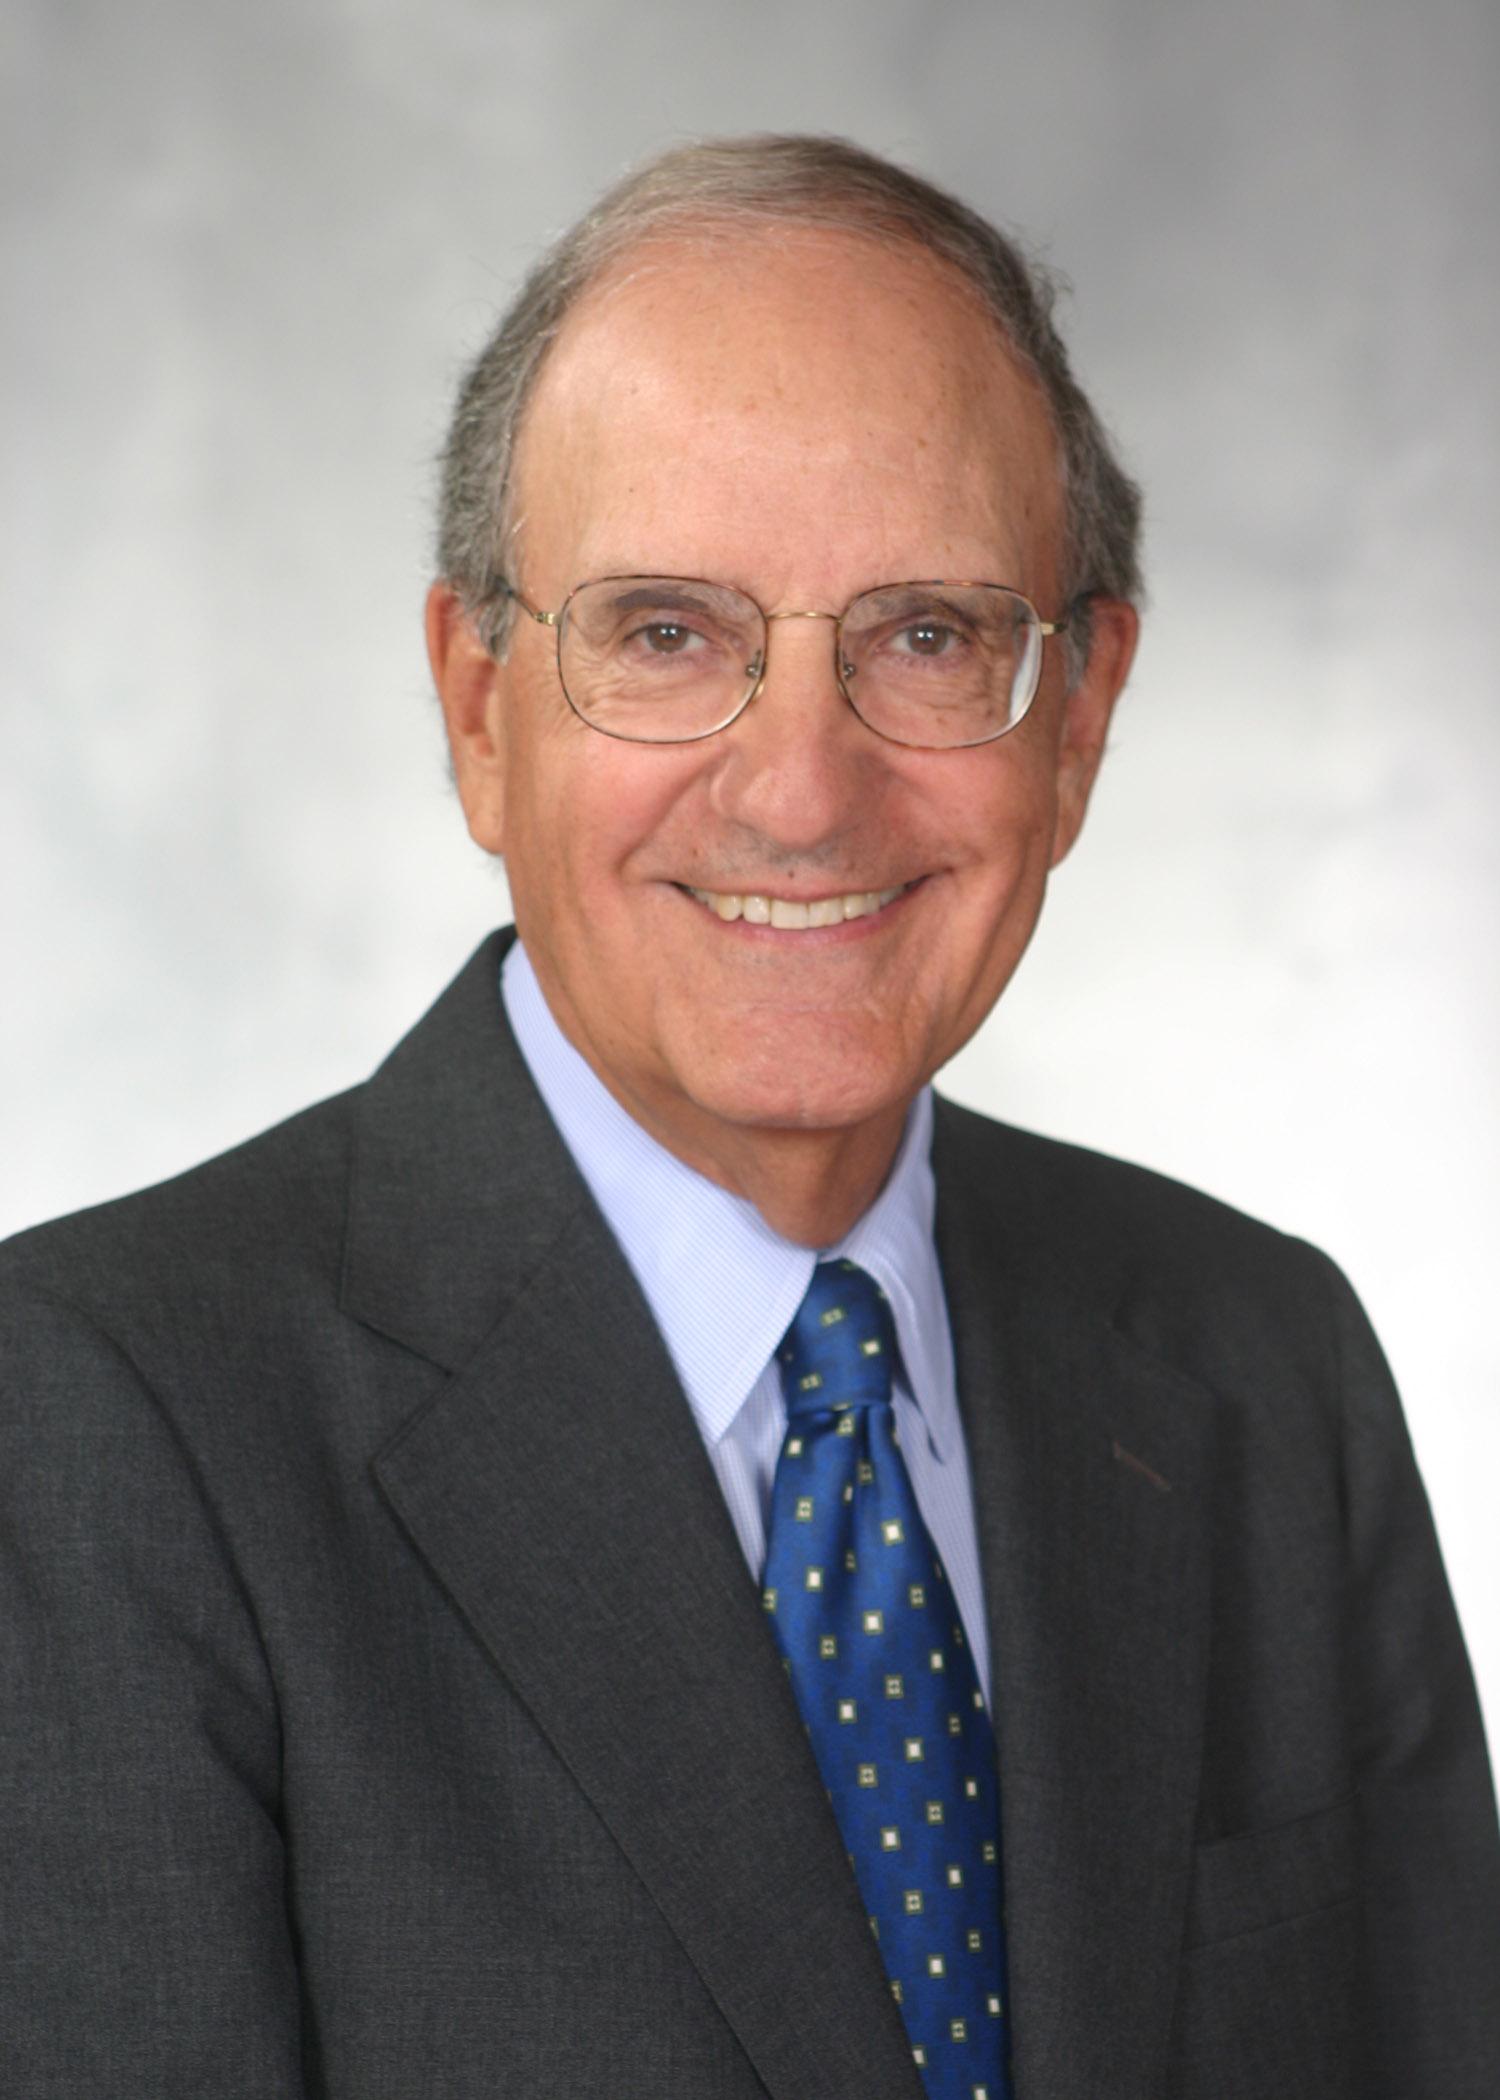 Sen. George J. Mitchell